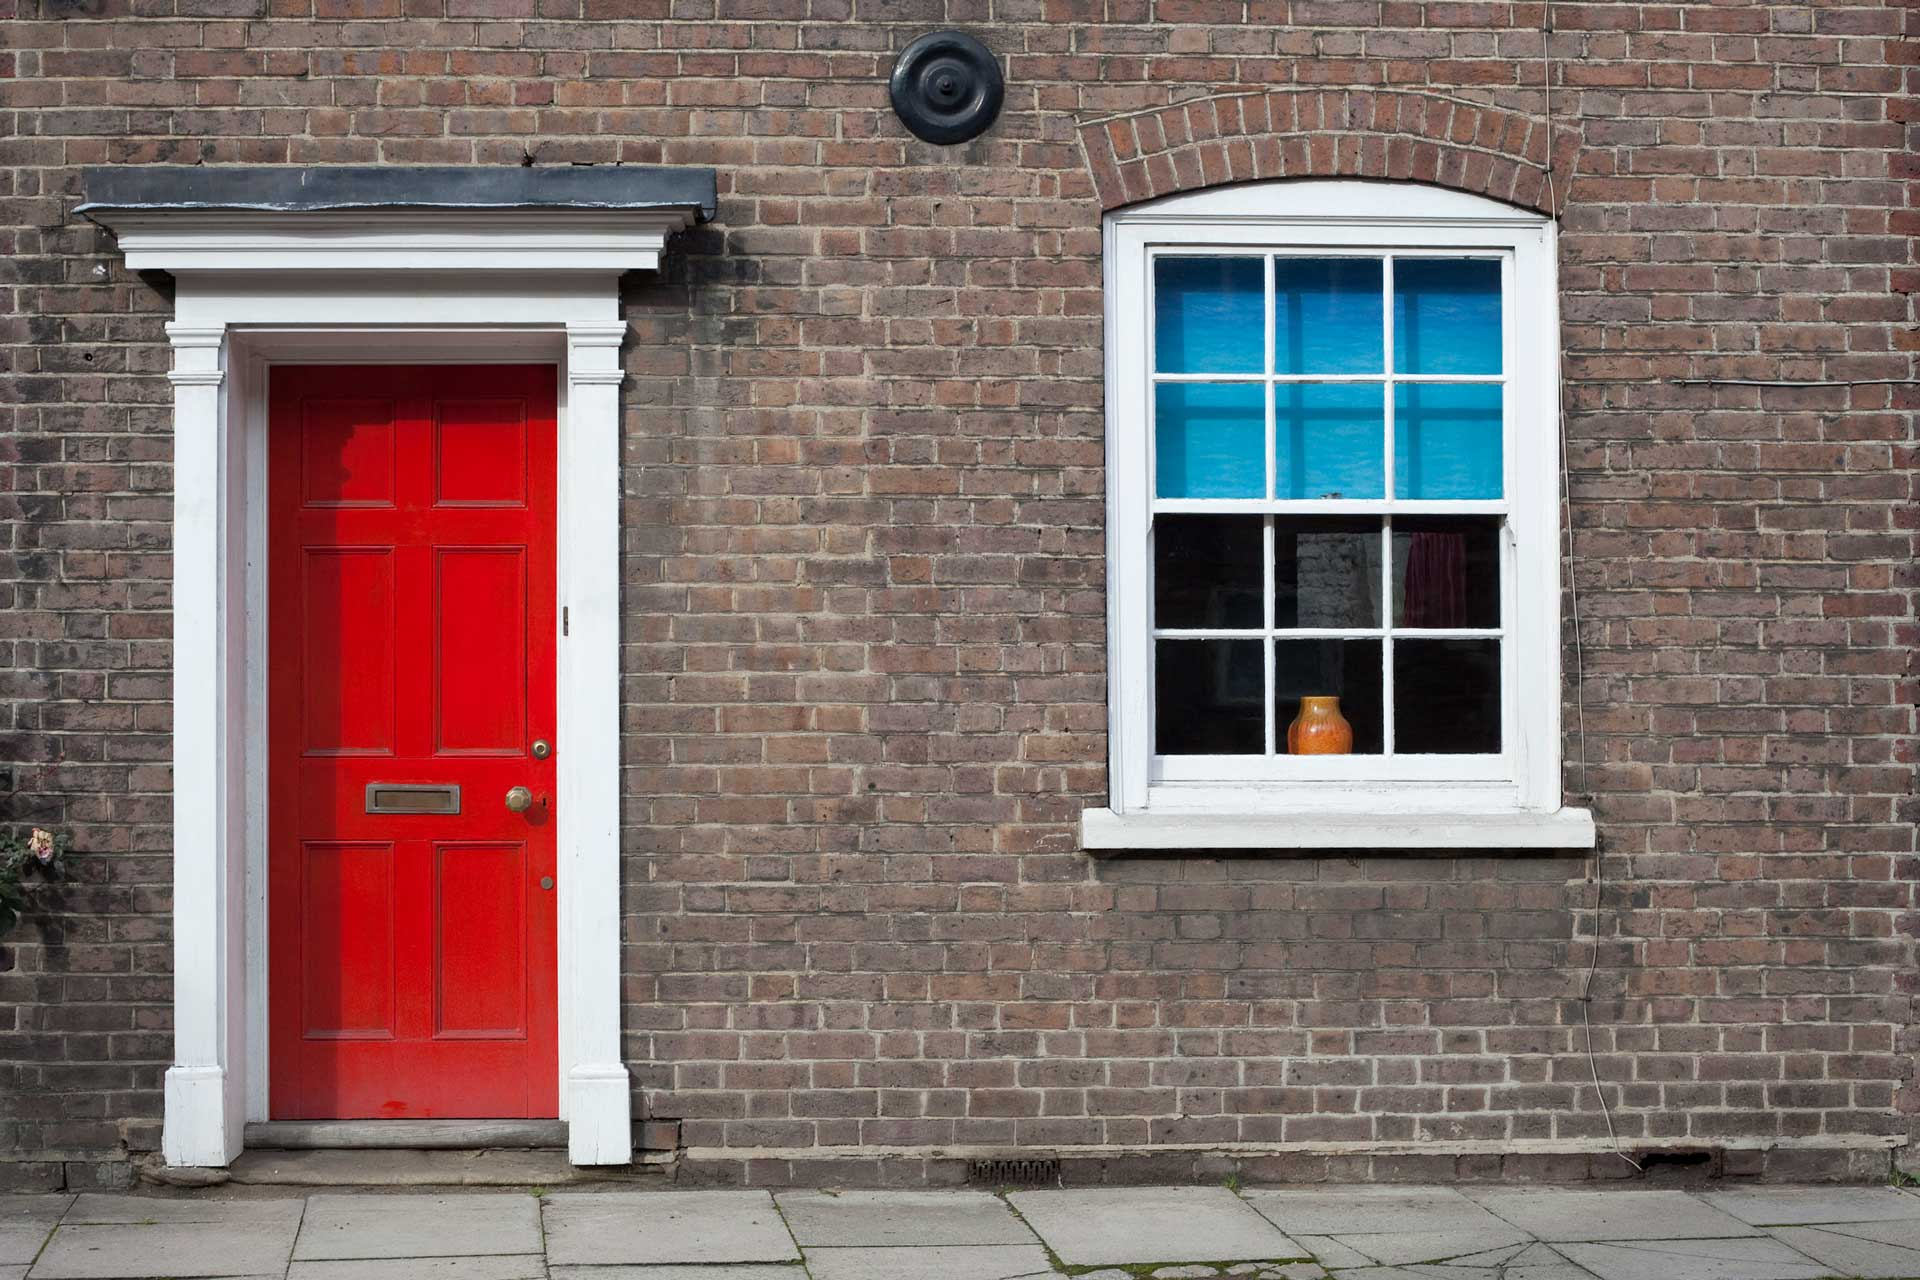 Brick Home with Red Door